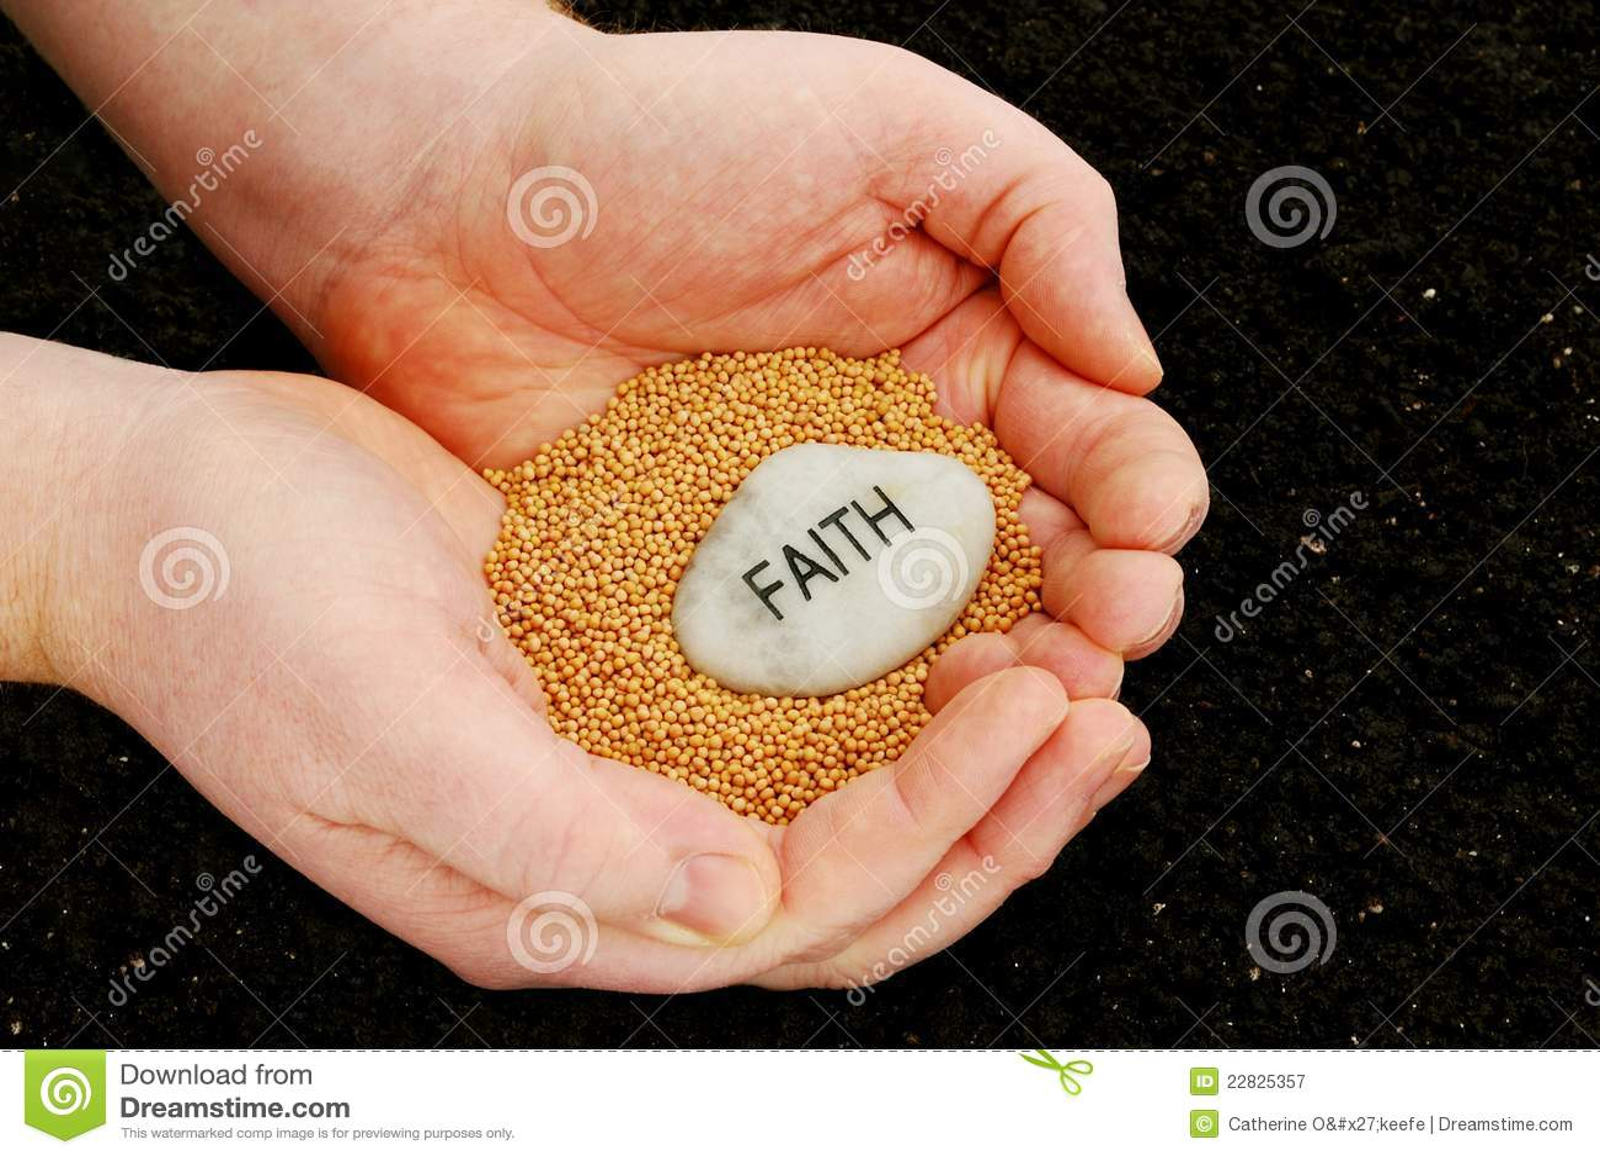 Planting Seeds Faith